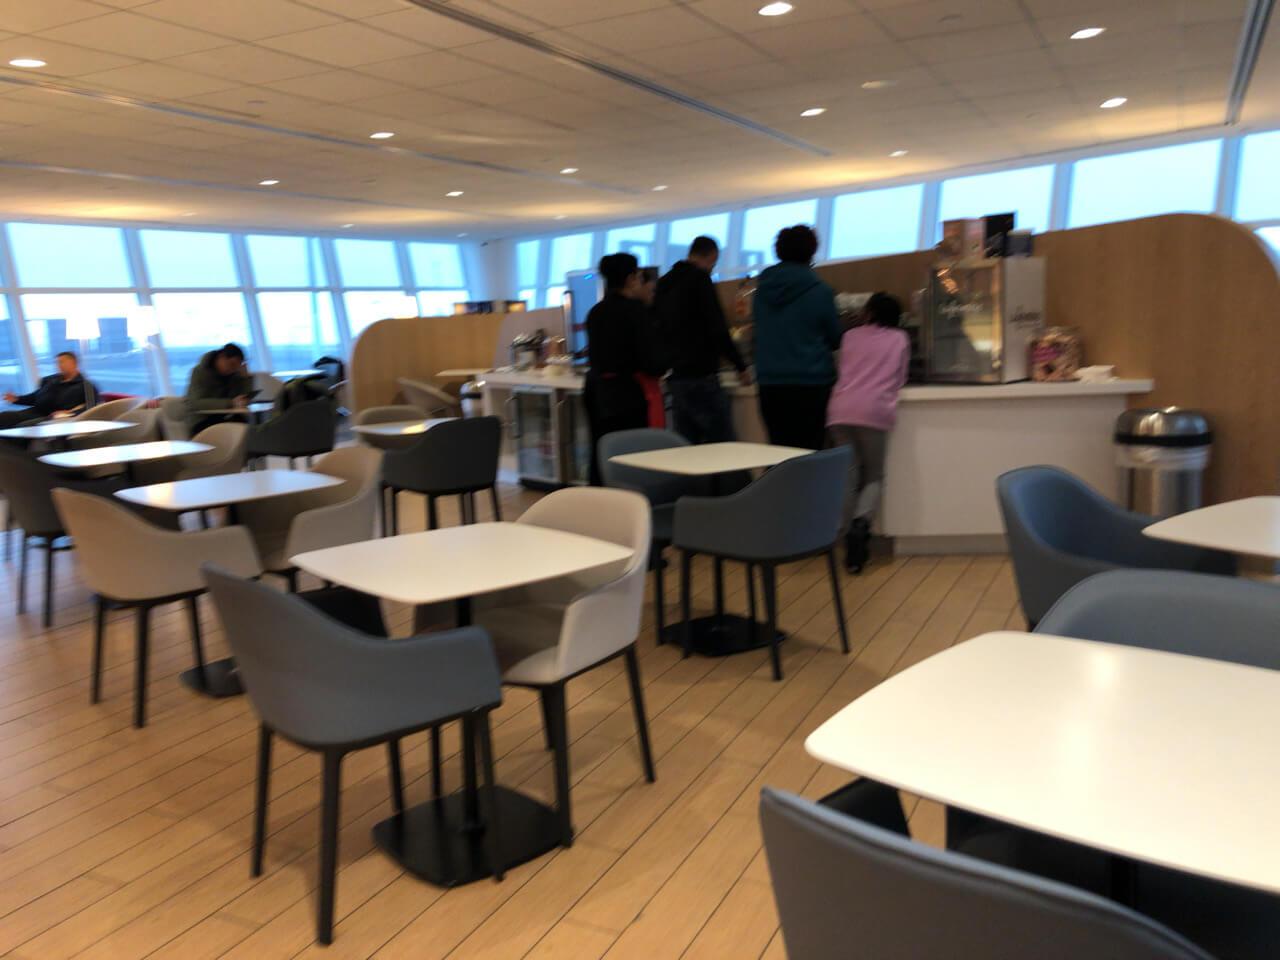 IMG 5960 - 【USA JFK空港】JALの使う第一ターミナルにあるプライオリティーパスが使えるラウンジ